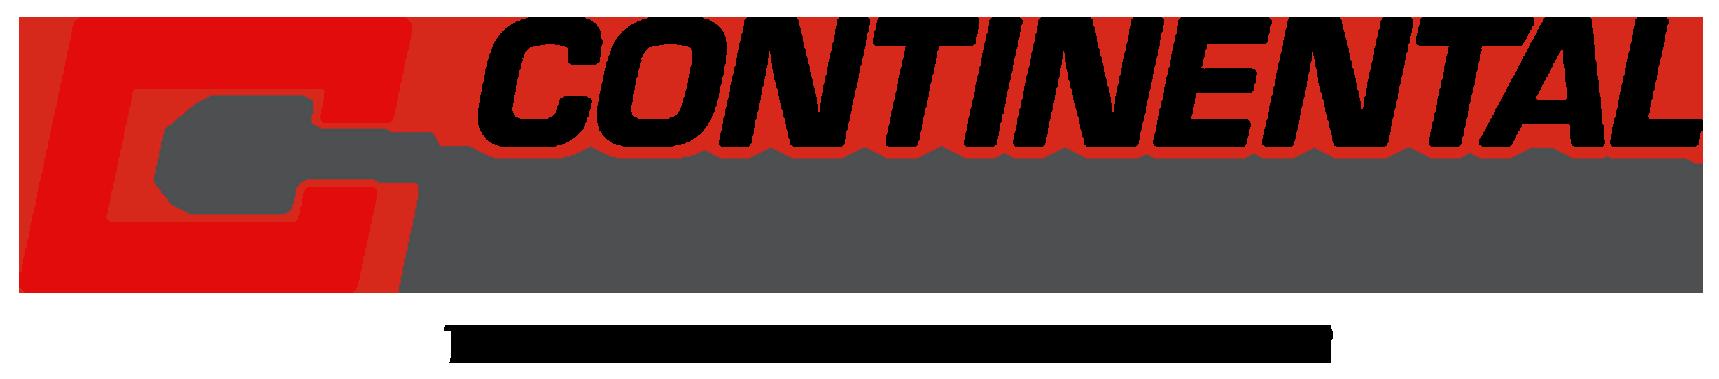 ROB270-36501-03